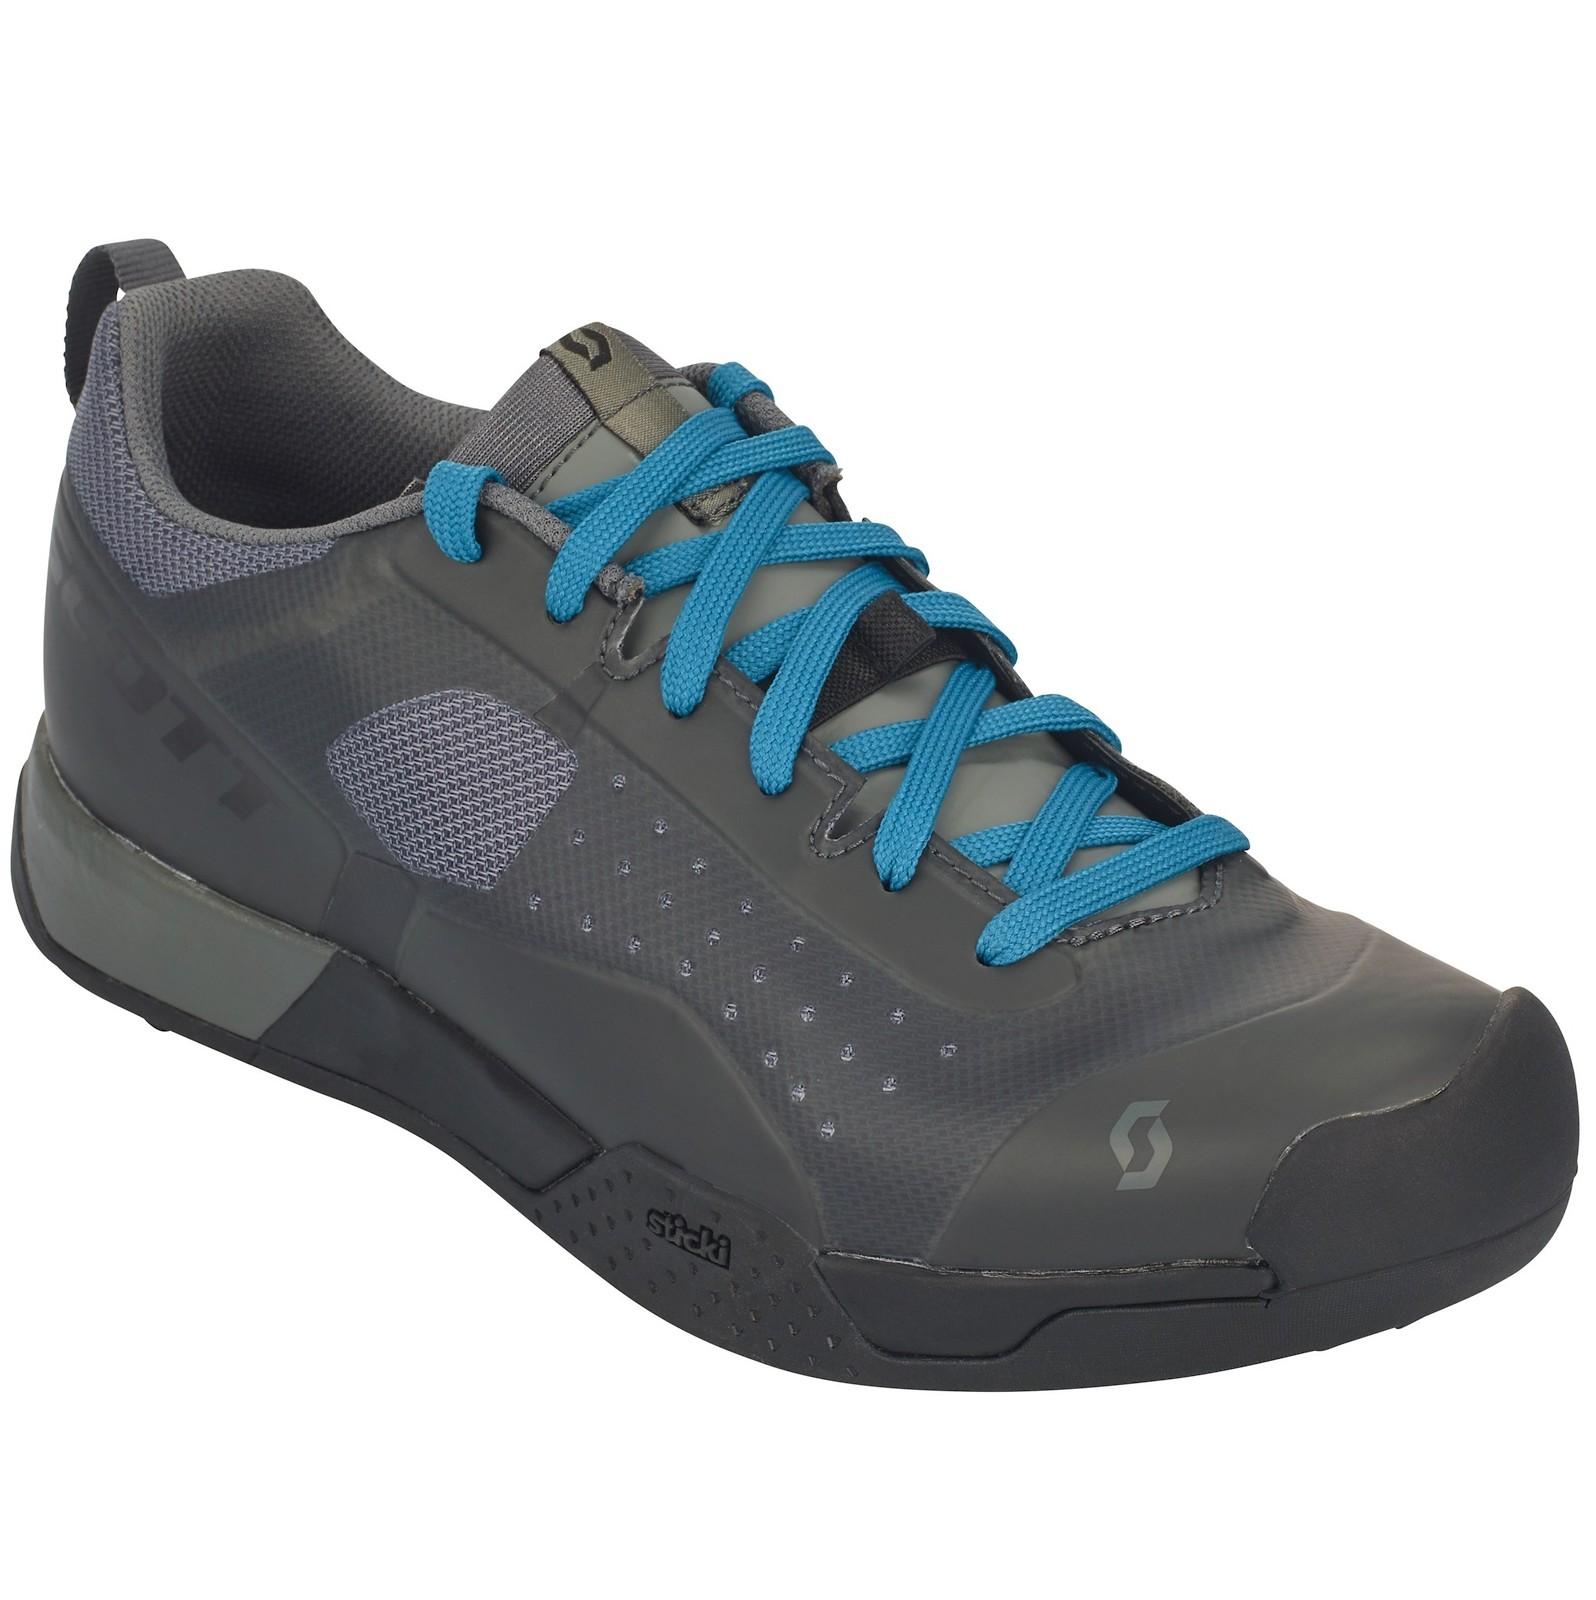 Scott AR Lace Clip shoe in black/grey